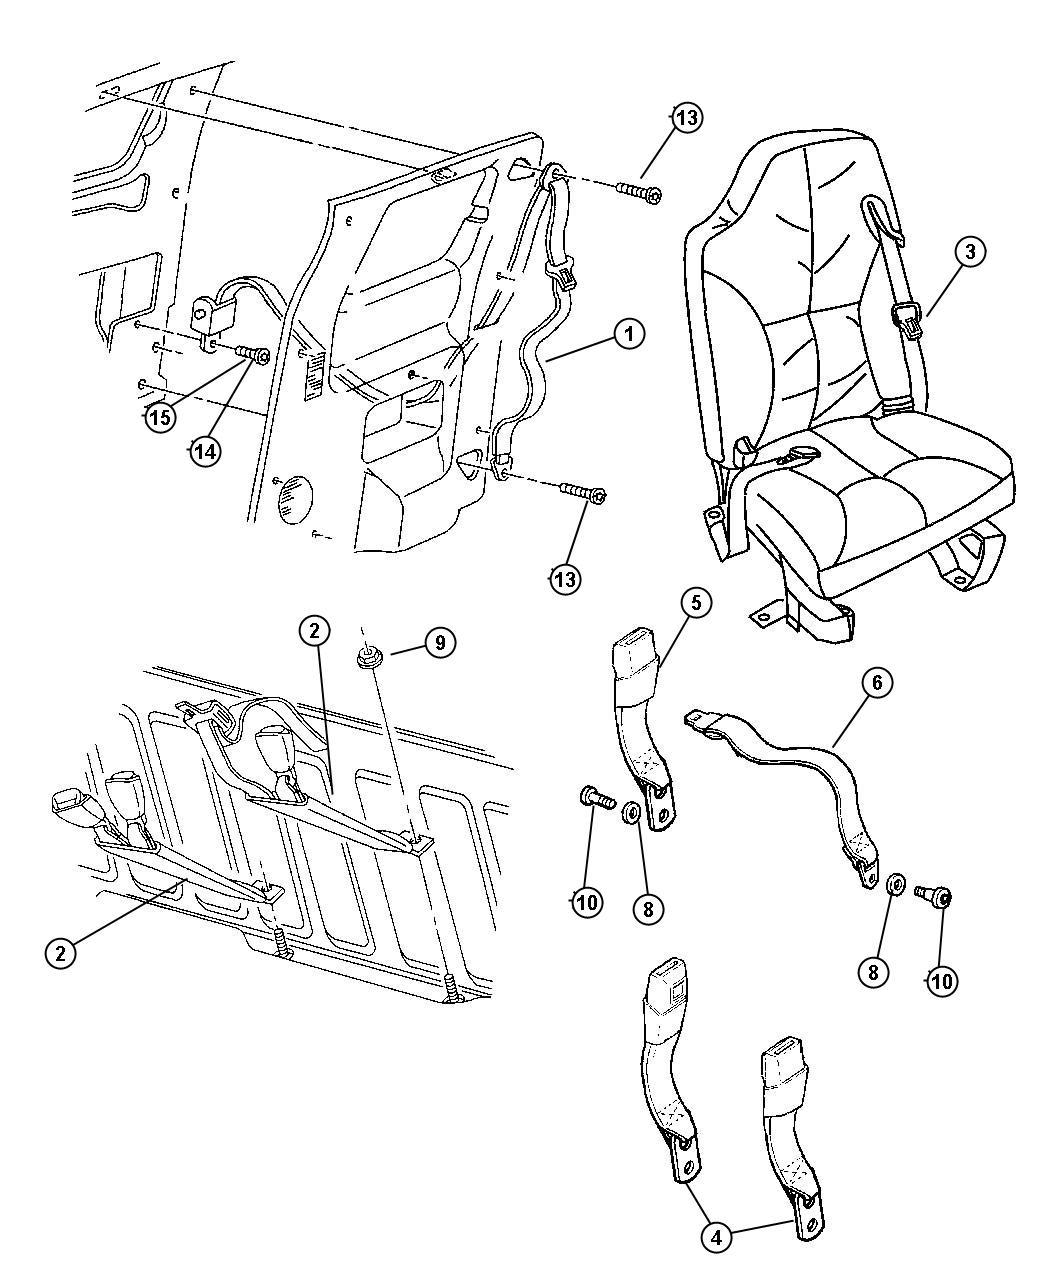 02 Dodge Ram Belt Diagram 02 Free Engine Image For User Manual Download